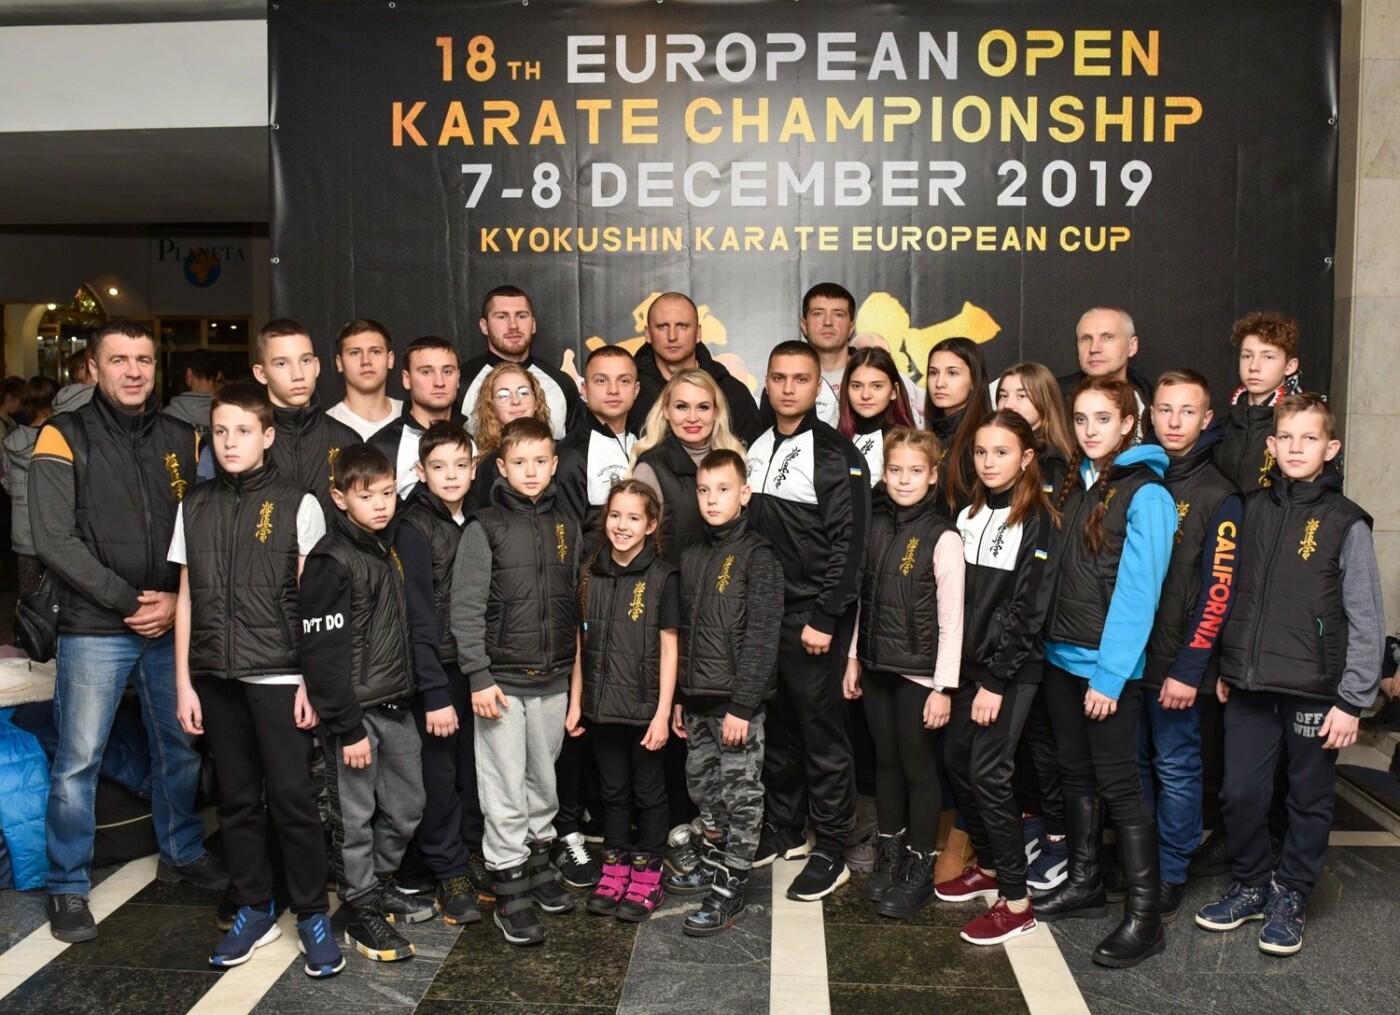 Днепровские спортсмены привезли 15 медалей с Чемпионата Европы по карате, - ФОТО, фото-2